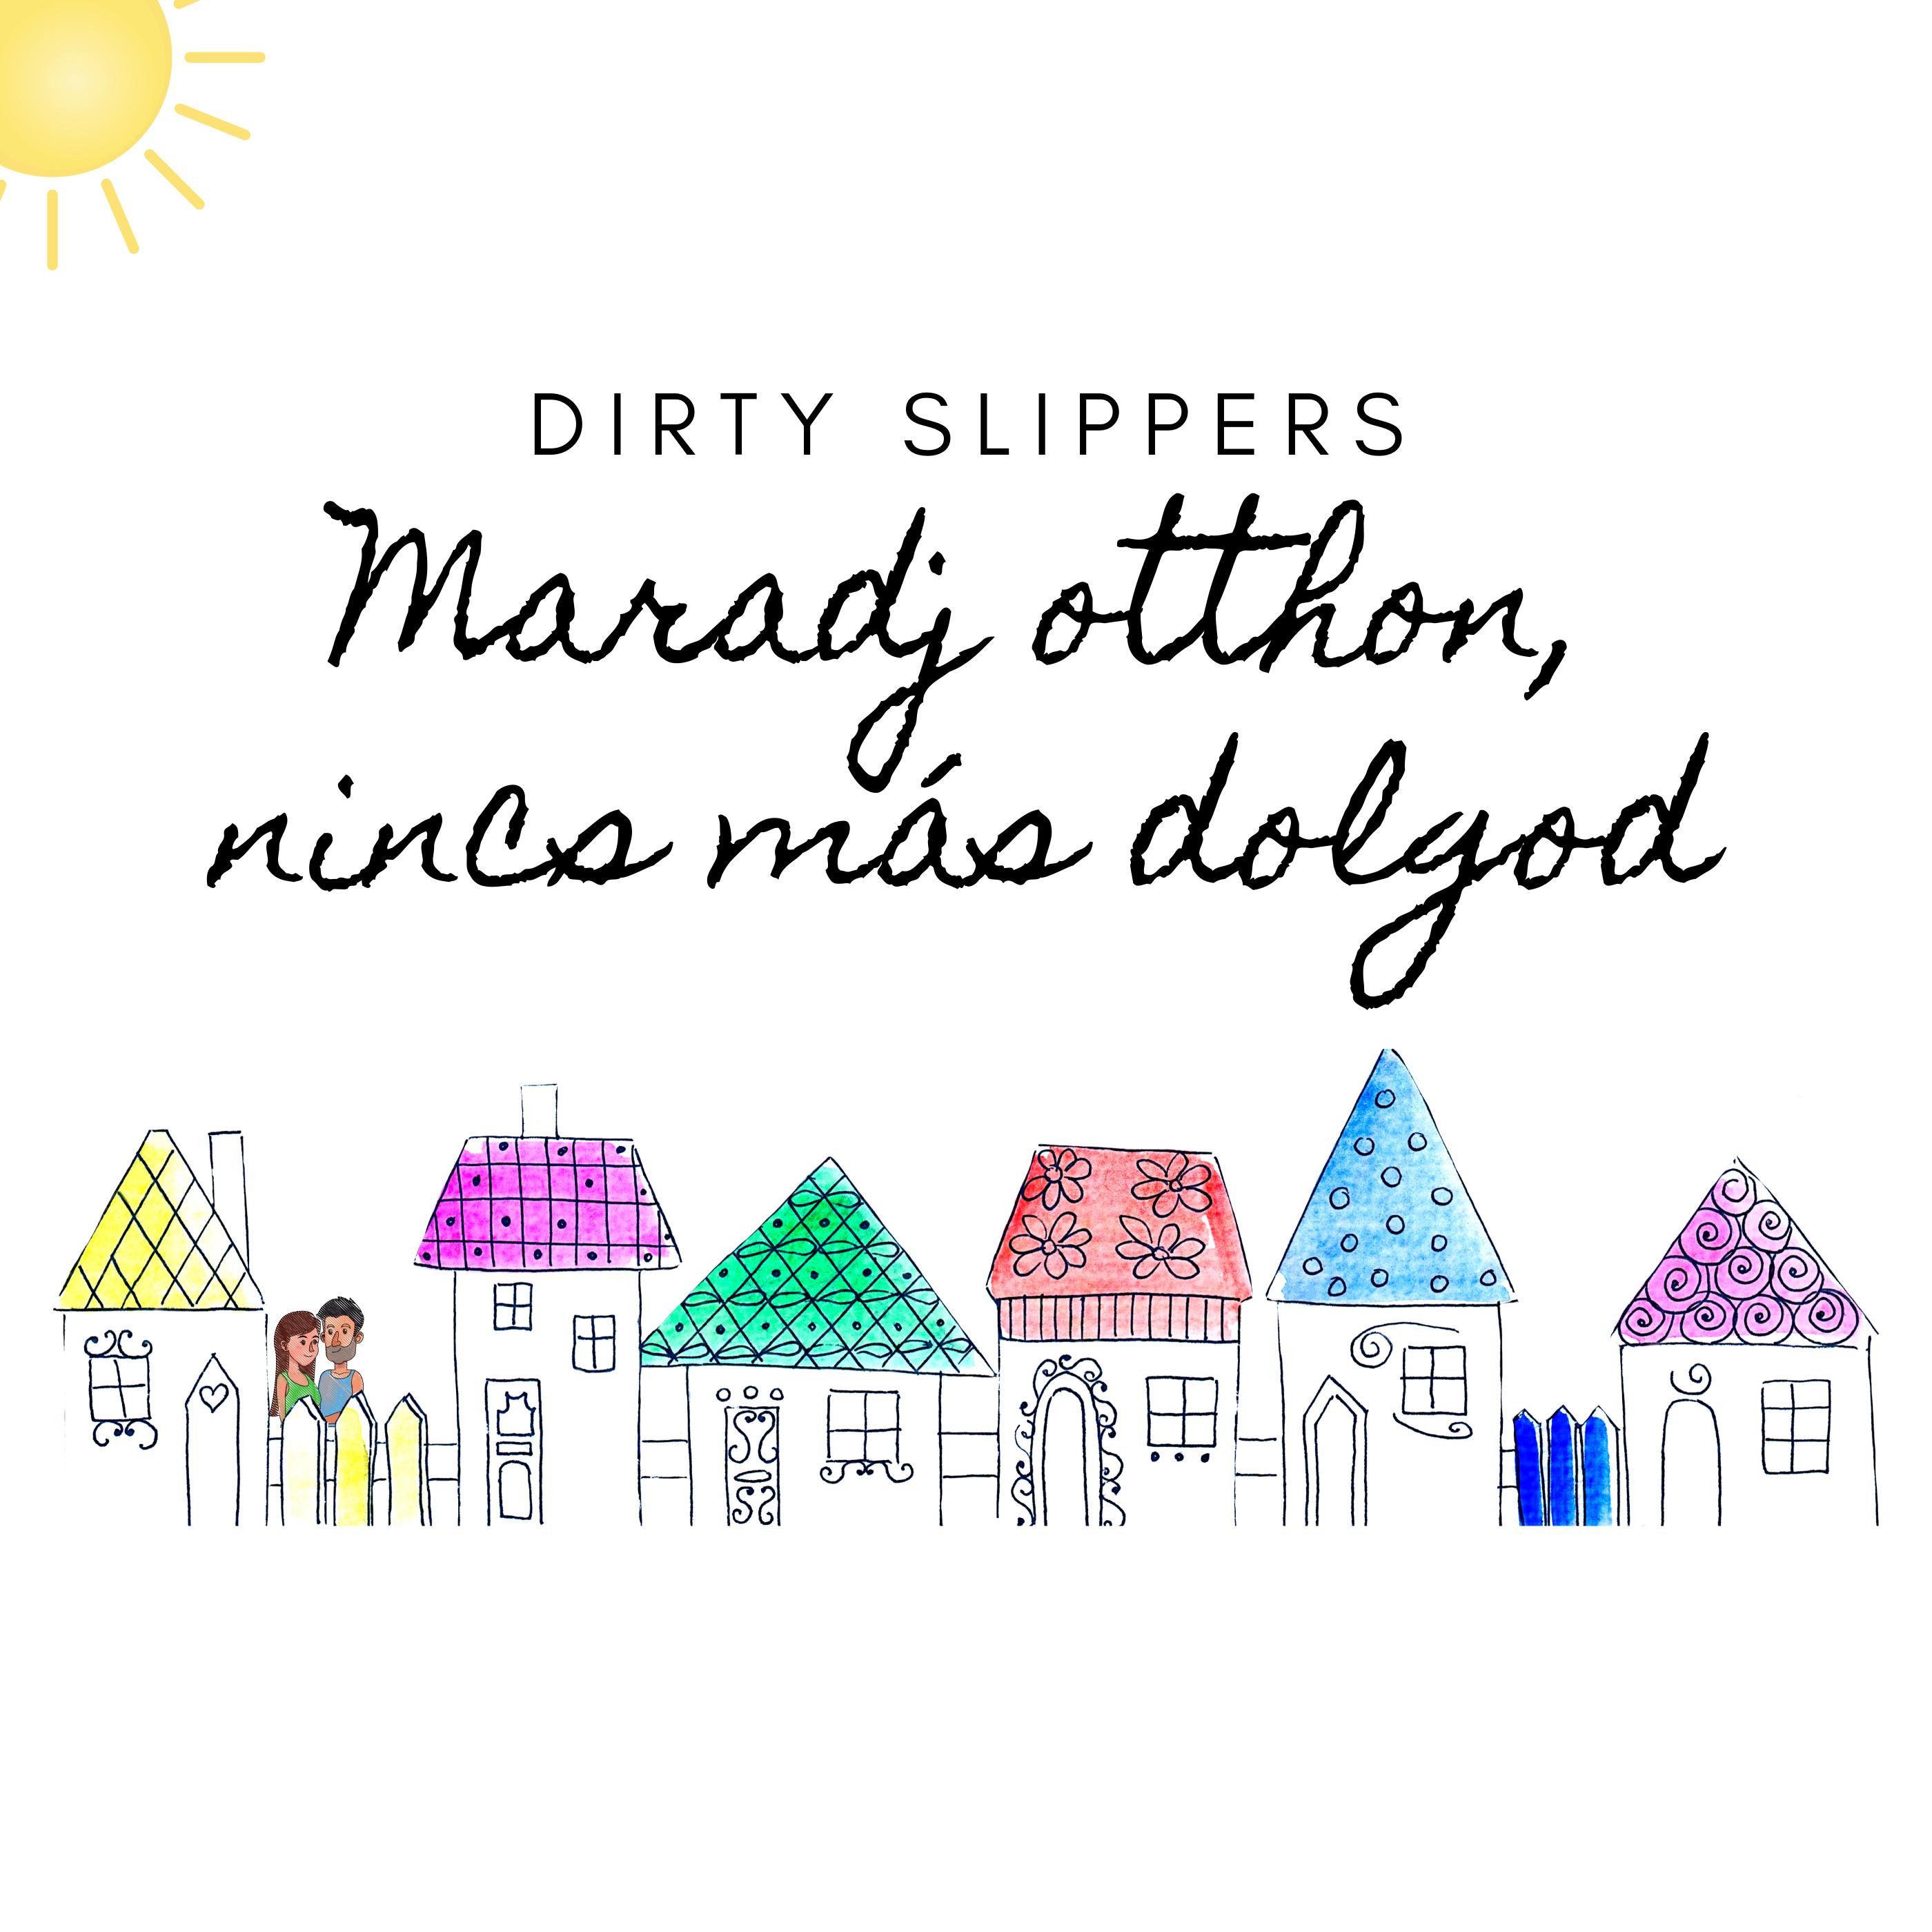 Dirty Slippers - Maradj otthon, nincs más dolgod